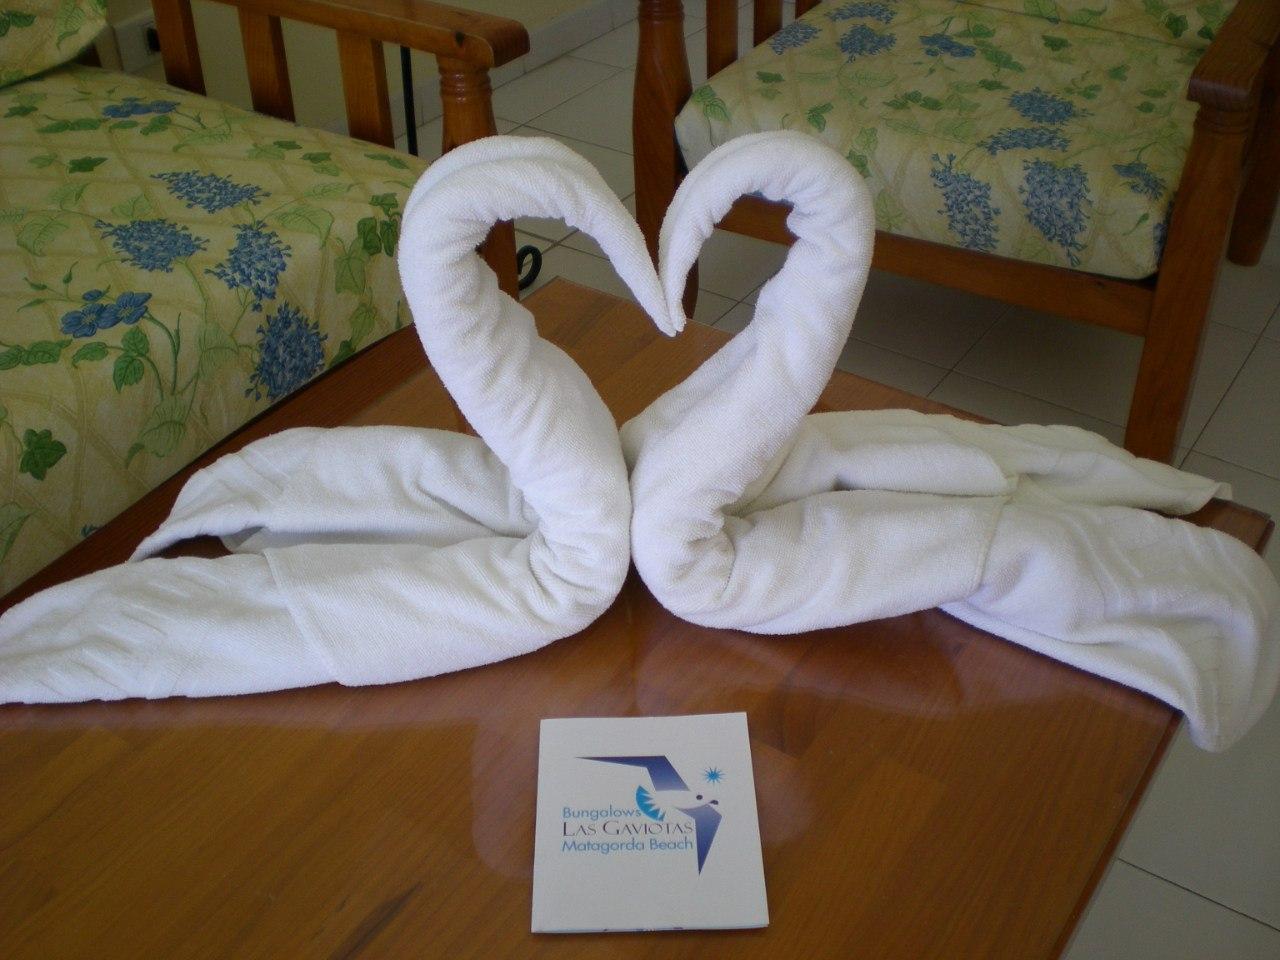 Как сделать лебедя из полотенца своими руками 285